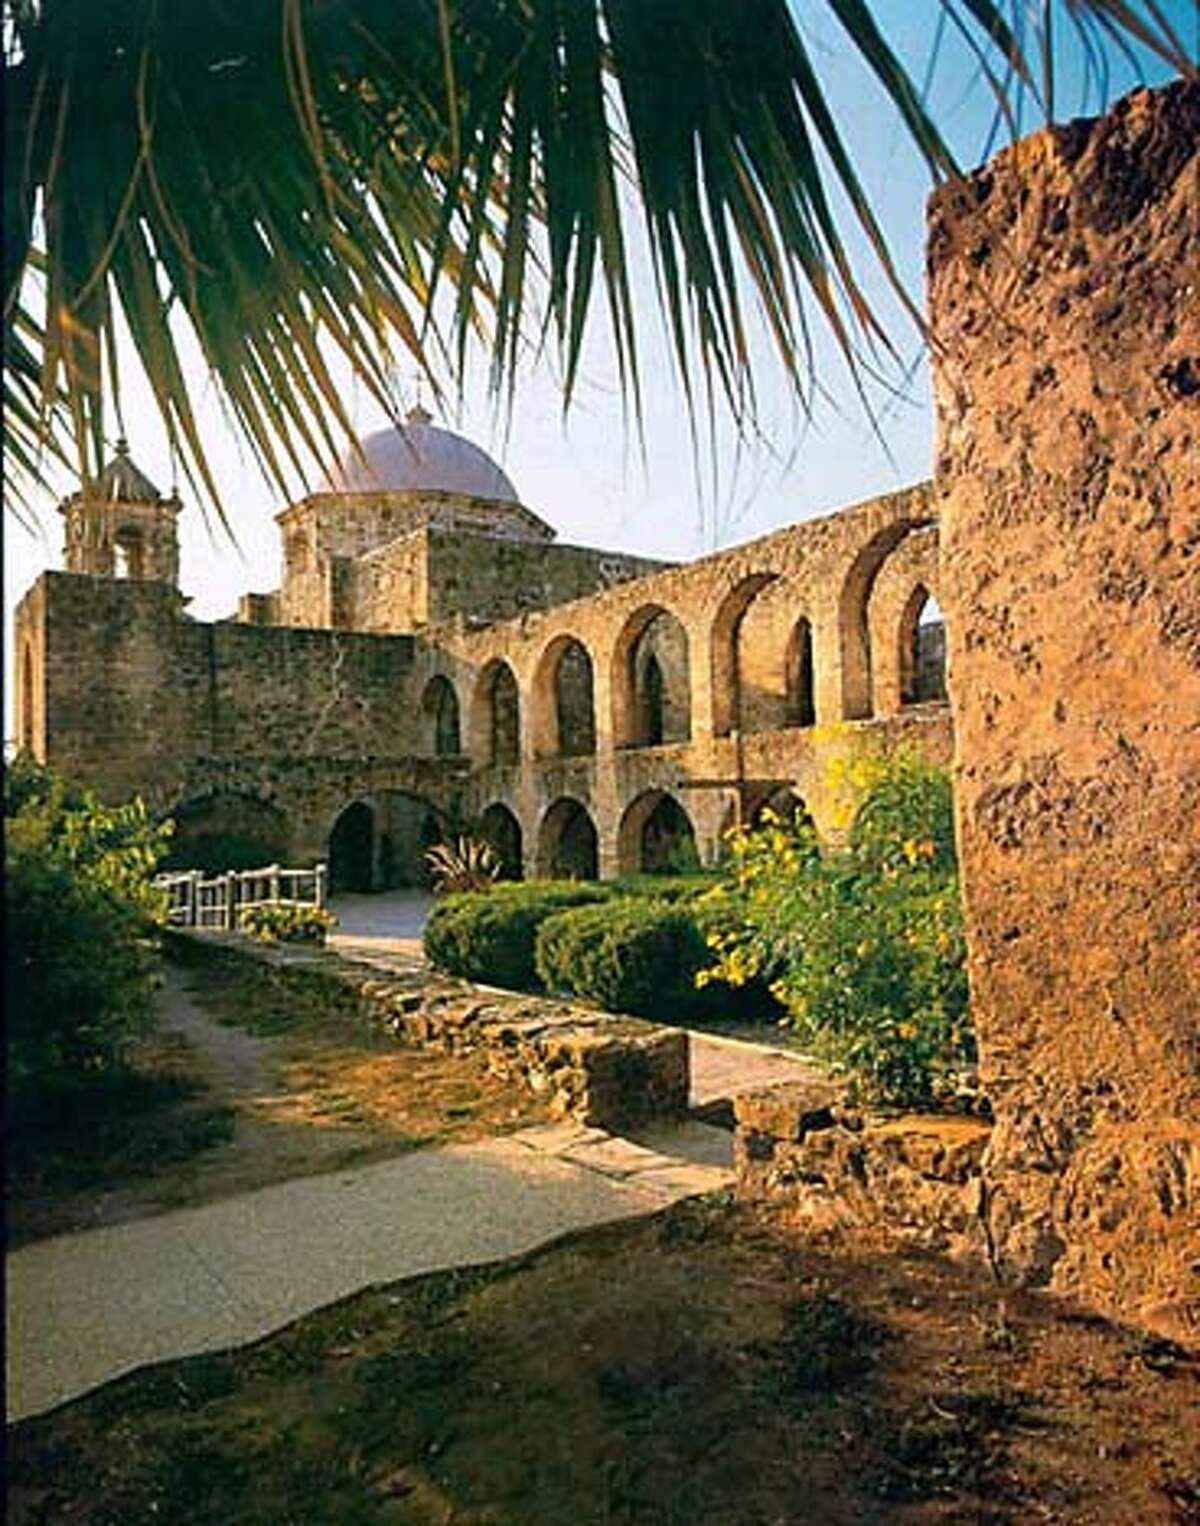 Mission San Jose, a San Antonio Mission.